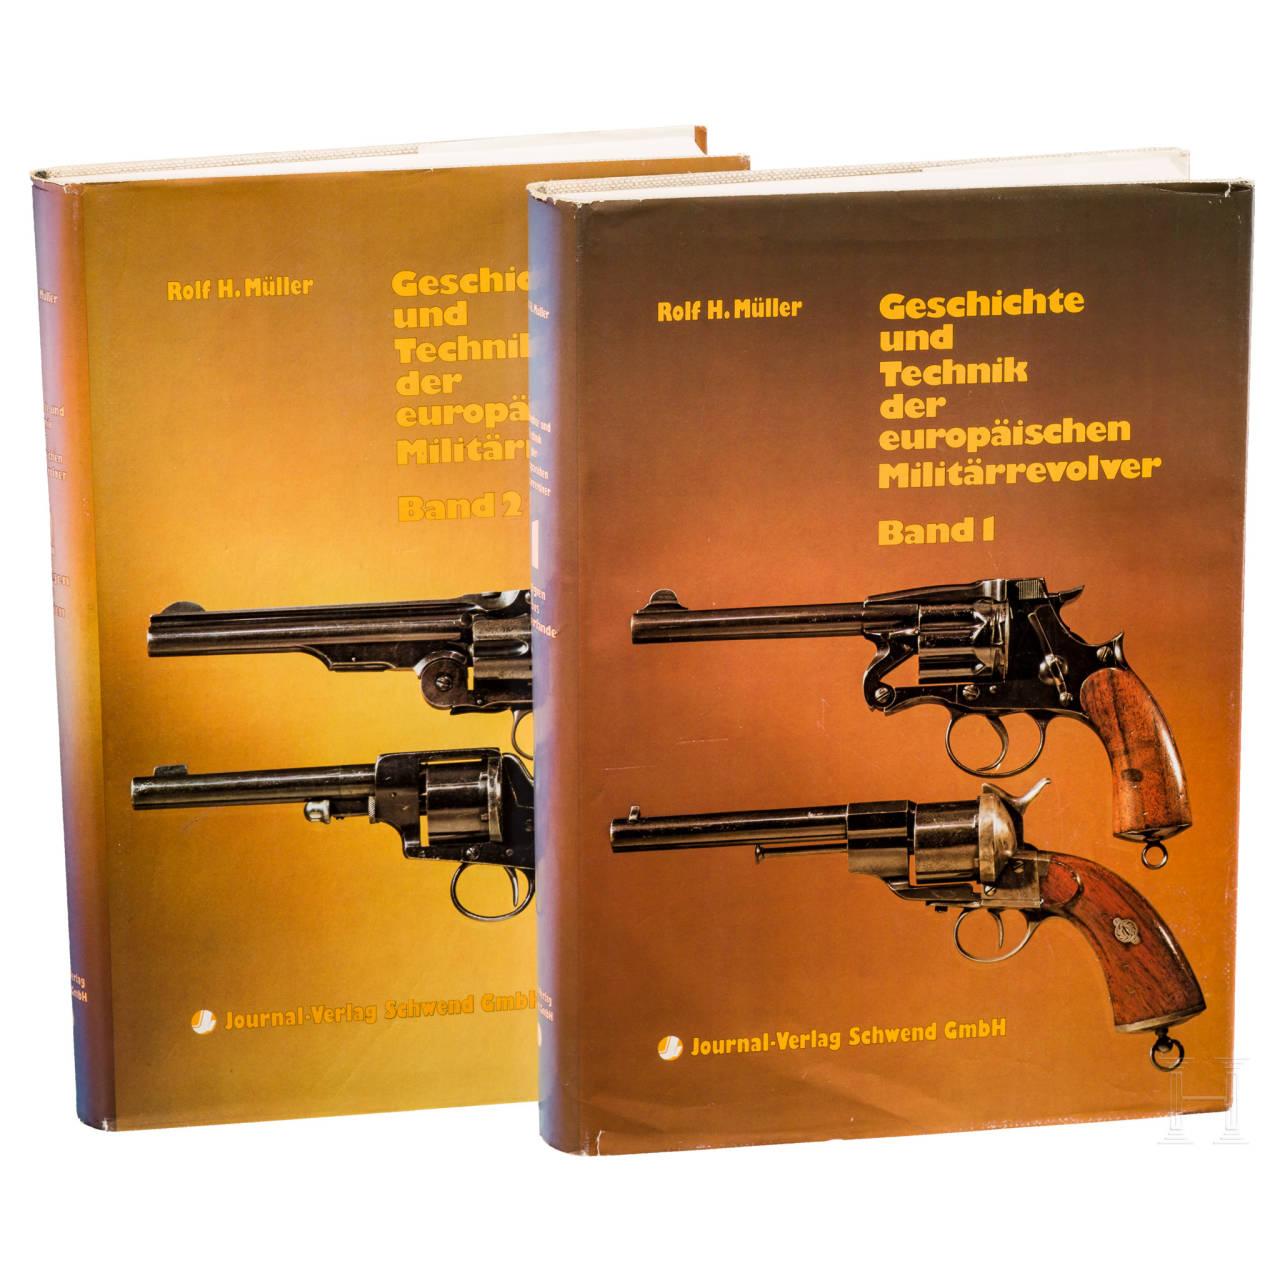 """Two books by Rolf H. Müller, """"Geschichte und Technik der europäischen Militärrevolver"""""""